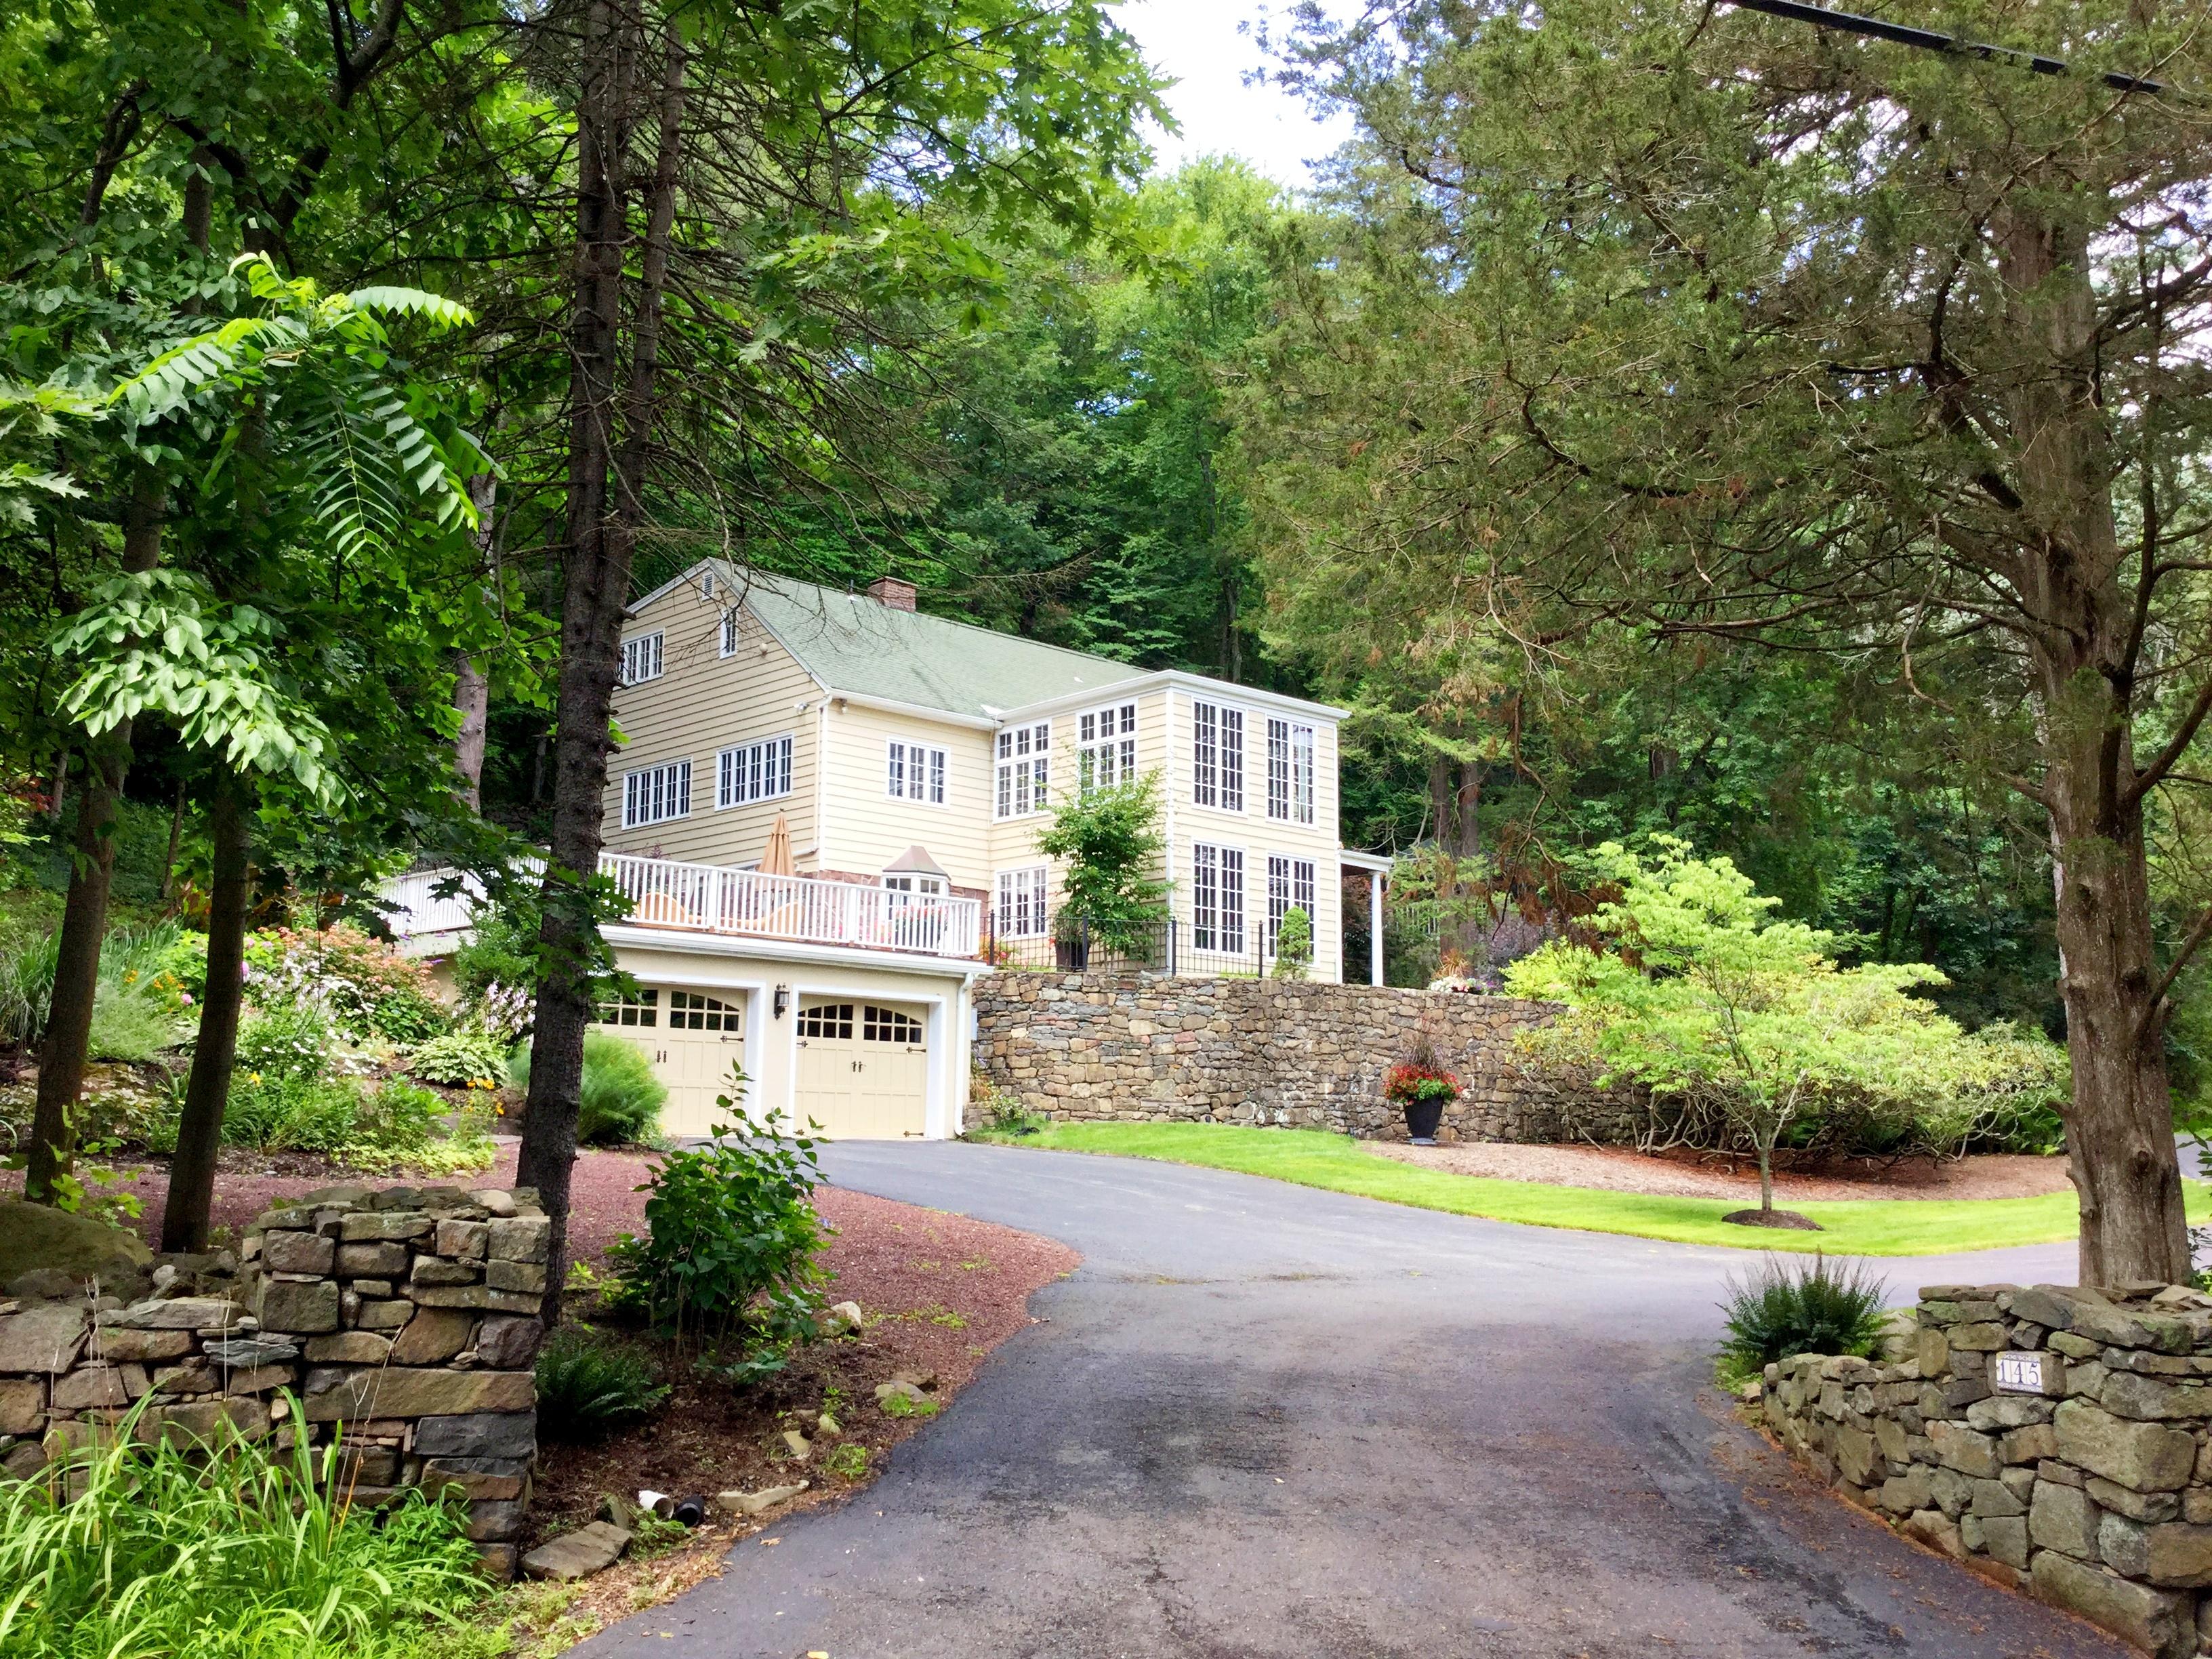 Частный односемейный дом для того Продажа на Extraordinary Country Home 145 South Mountain Rd. New City, Нью-Йорк 10956 Соединенные Штаты